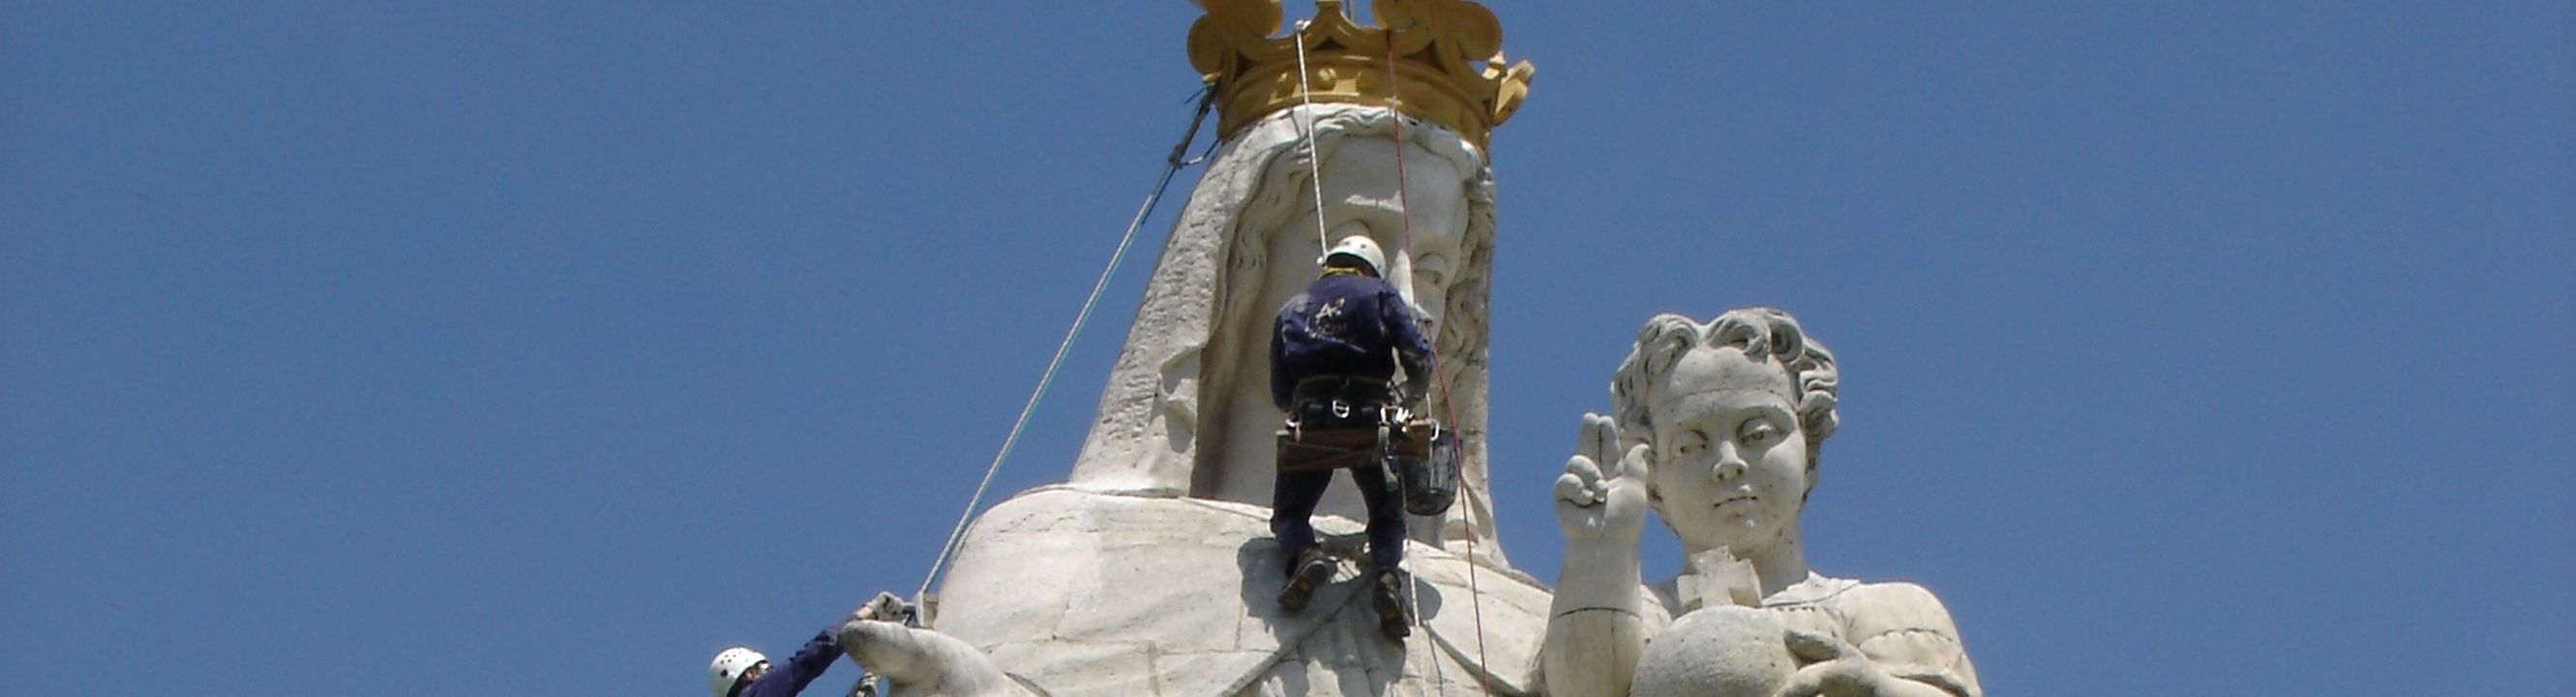 technicien cordiste urbain peinture lavage de vitre maçonnerie paris région parisienne igd idf versailles